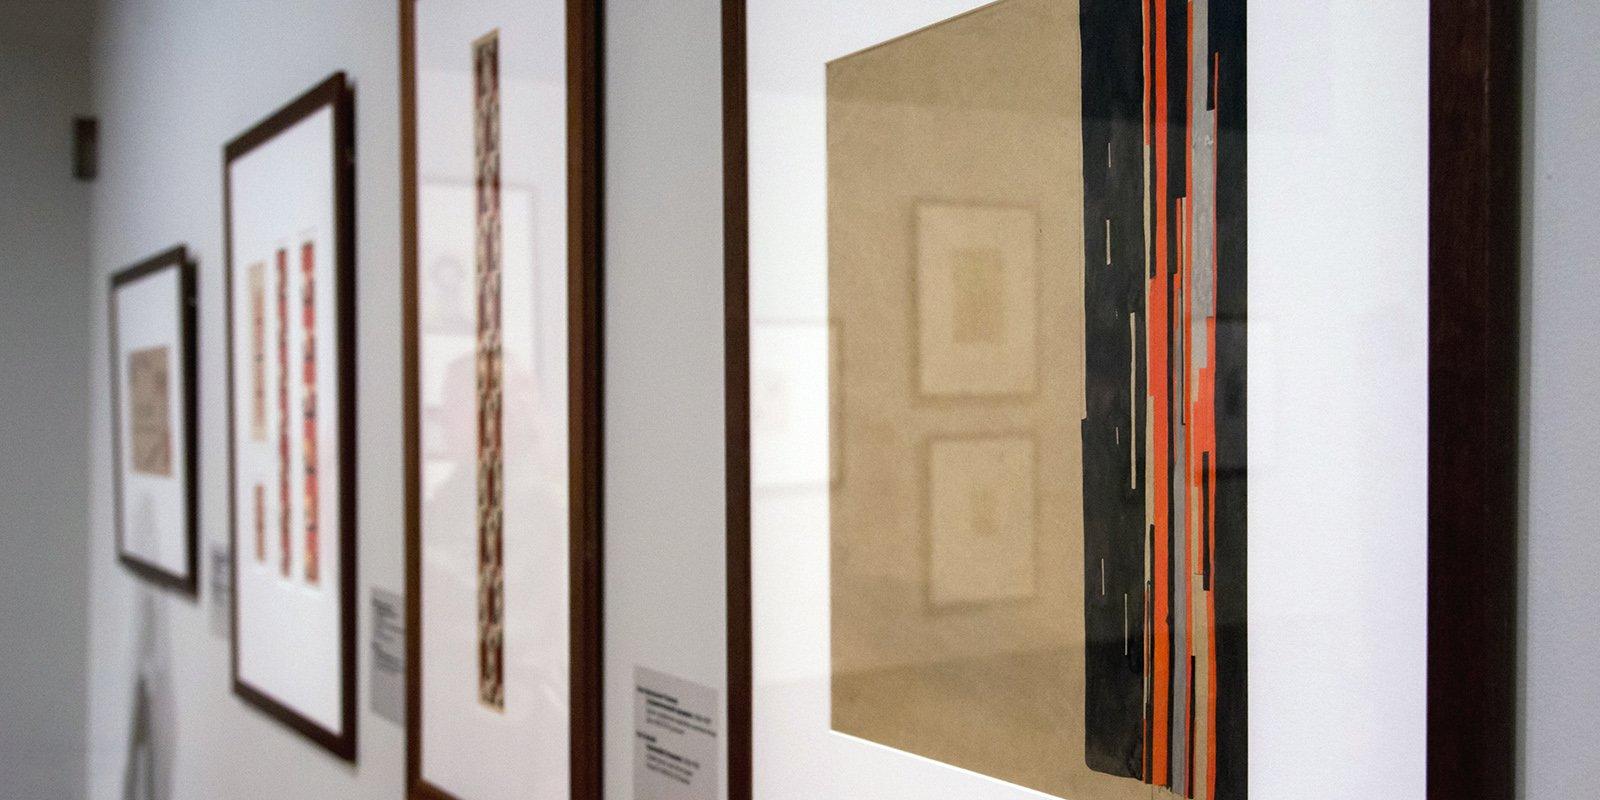 #Москвастобой: какие экспозиции столичных музеев можно посетить онлайн